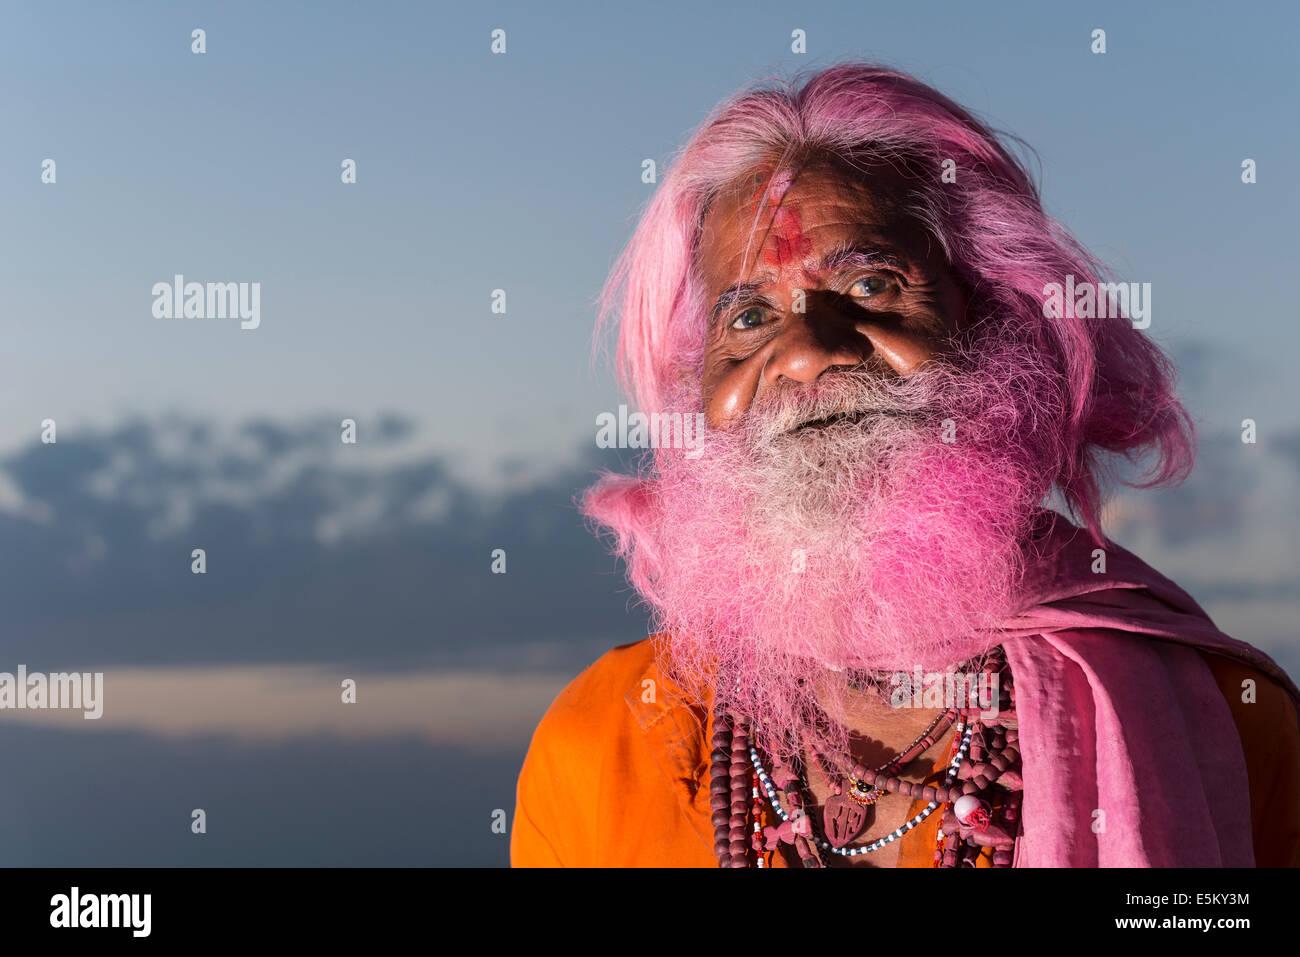 Ritratto di un uomo vecchio con una barba rosa al Holi festival, Vrindavan, Uttar Pradesh, India Foto Stock